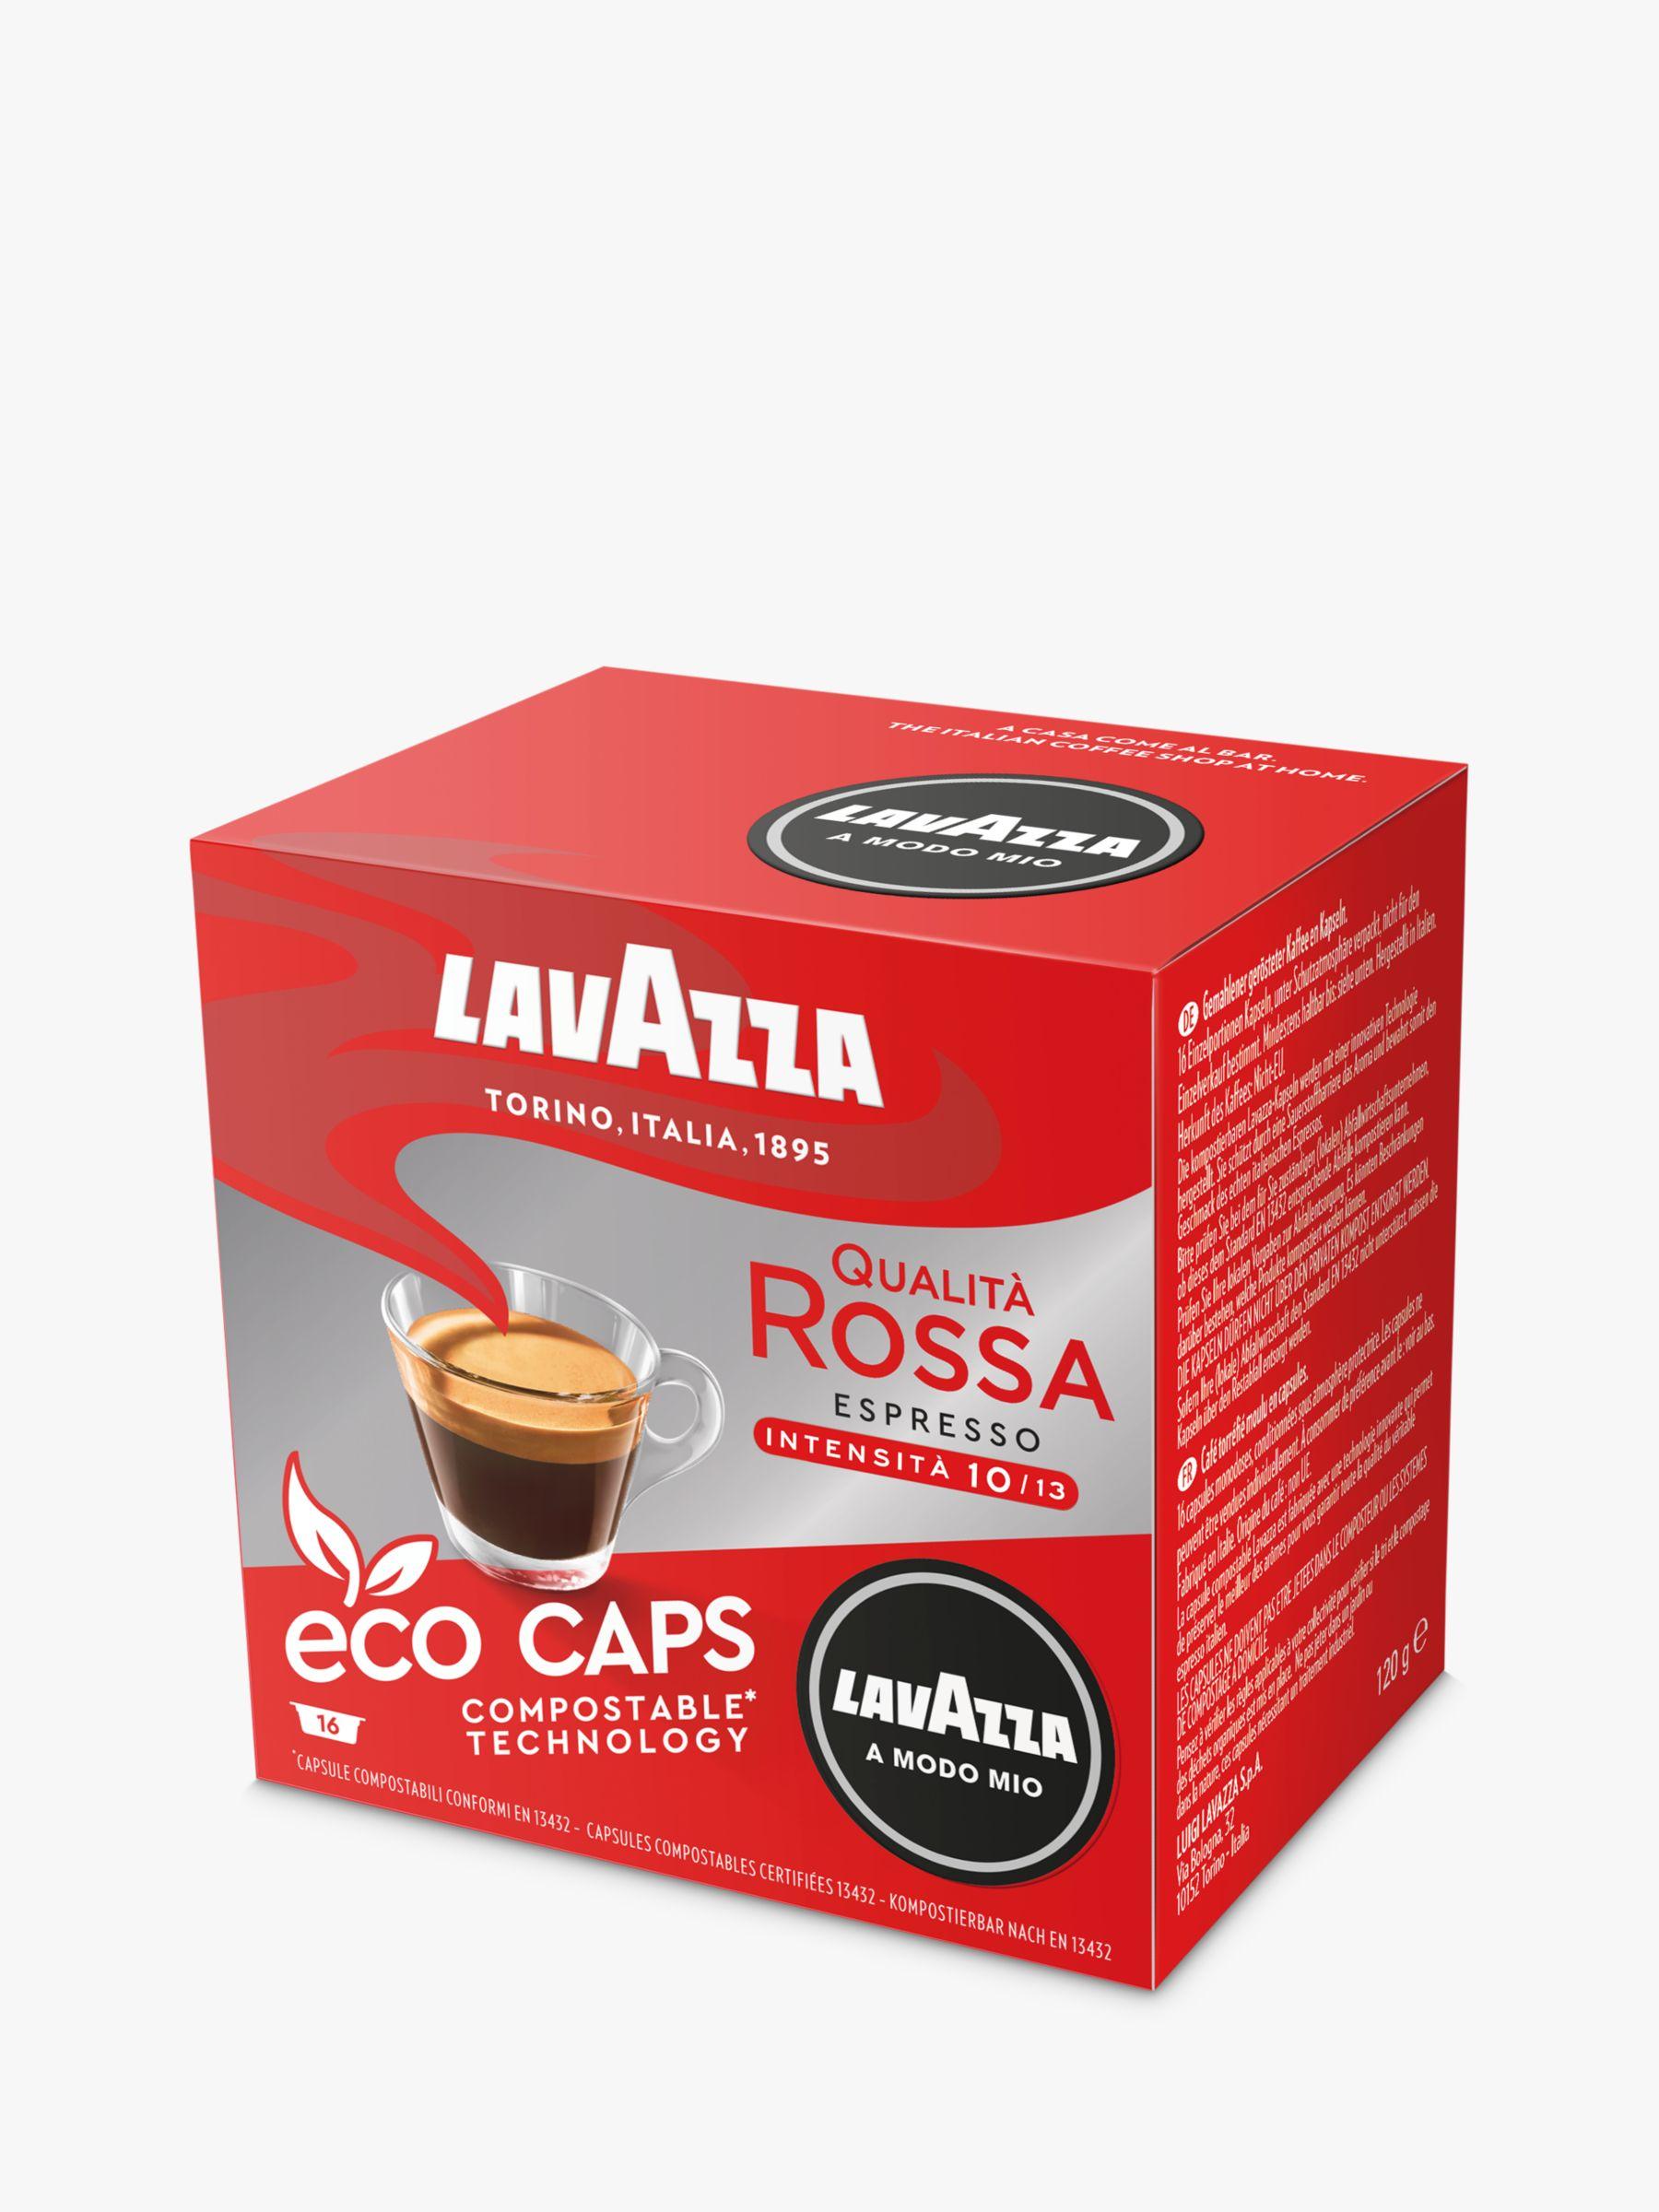 Lavazza Lavazza Qualita Rossa A Modo Mio Espresso Eco Capsules, Pack of 16